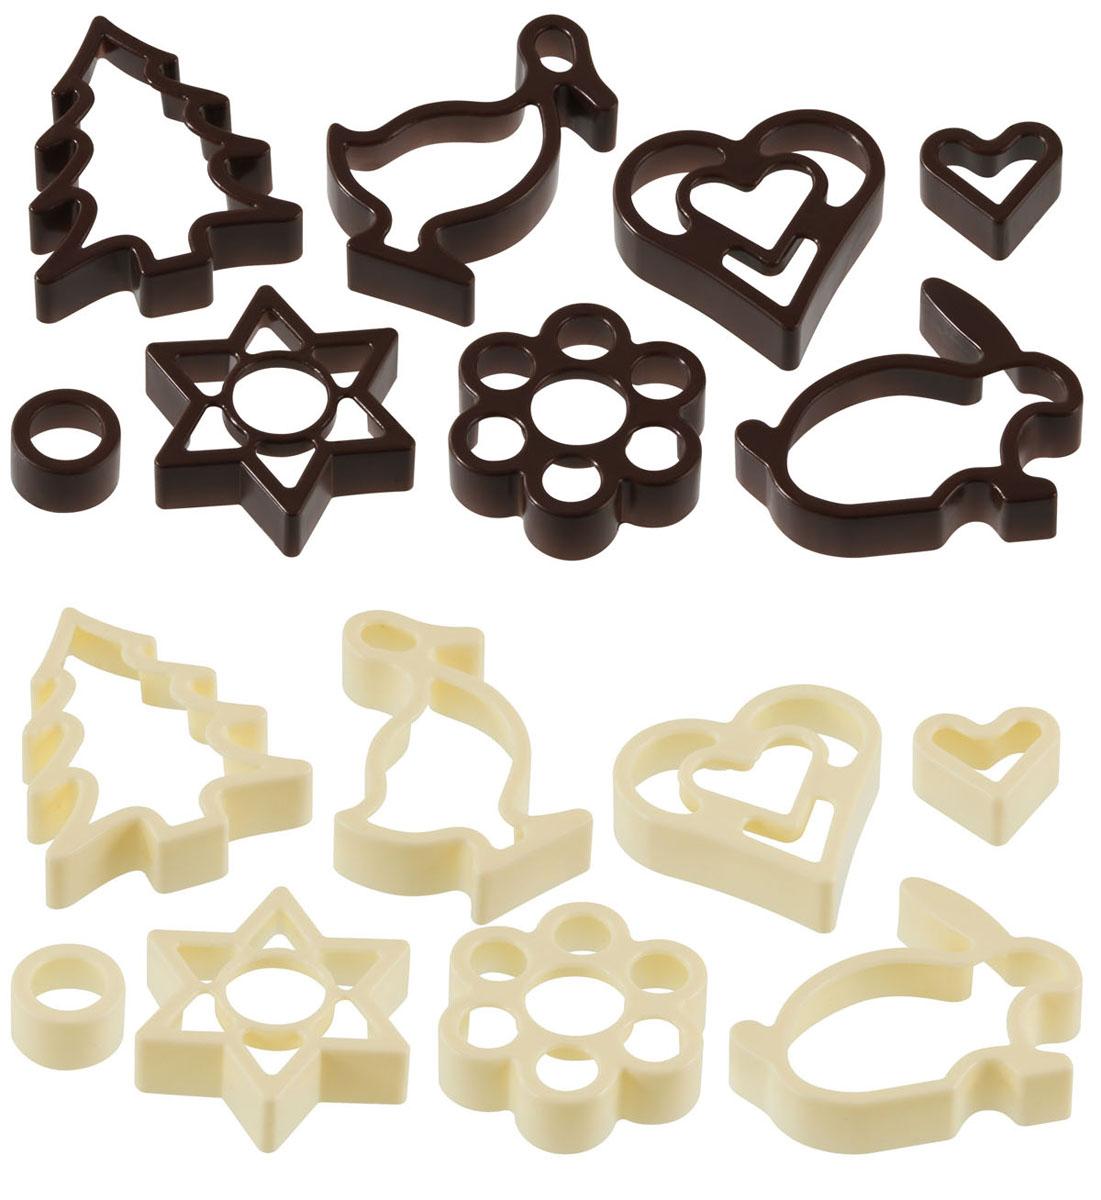 """Набор """"Zenker"""" состоит из восьми пластиковых форм для вырезания фигурного печенья. Формы выполнены в виде сердечка, цветочка, уточки, зайца, елочки и звездочки. Если вы любите побаловать своих домашних вкусным и ароматным печеньем по вашему оригинальному рецепту, то формы для вырезания печенья как раз то, что вам нужно!    Характеристики:Материал: пластик. Средний размер формы (ДхШхВ): 6 см х 6 см х 1,5 см. Комплектация: 8 шт. Размер упаковки: 5,5 см х 23 см х 1,5 см. Артикул: 42927.  УВАЖАЕМЫЕ КЛИЕНТЫ! Товар поставляется в цветовом ассортименте. Поставка осуществляется в зависимости от наличия на складе."""